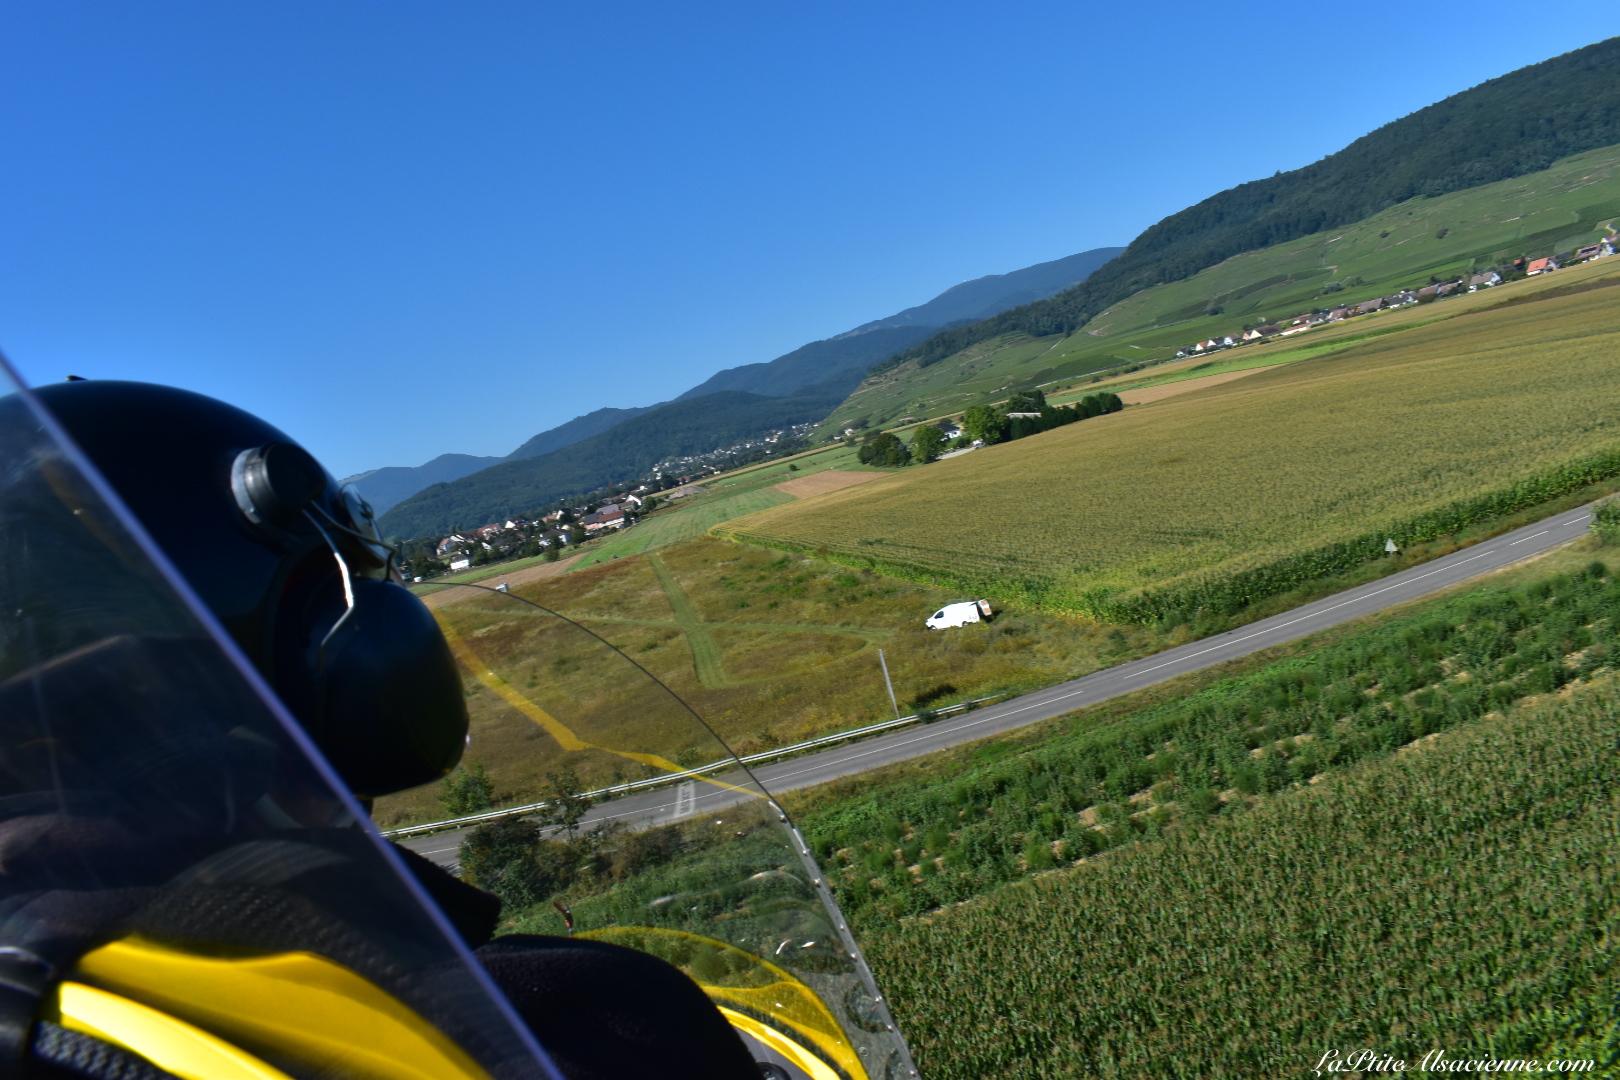 Atterrissage en ULM avec Ciel Destination Decouverte au départ d'Issenheim. Photo de Cendrine Miesch dite LaPtiteAlsacienne